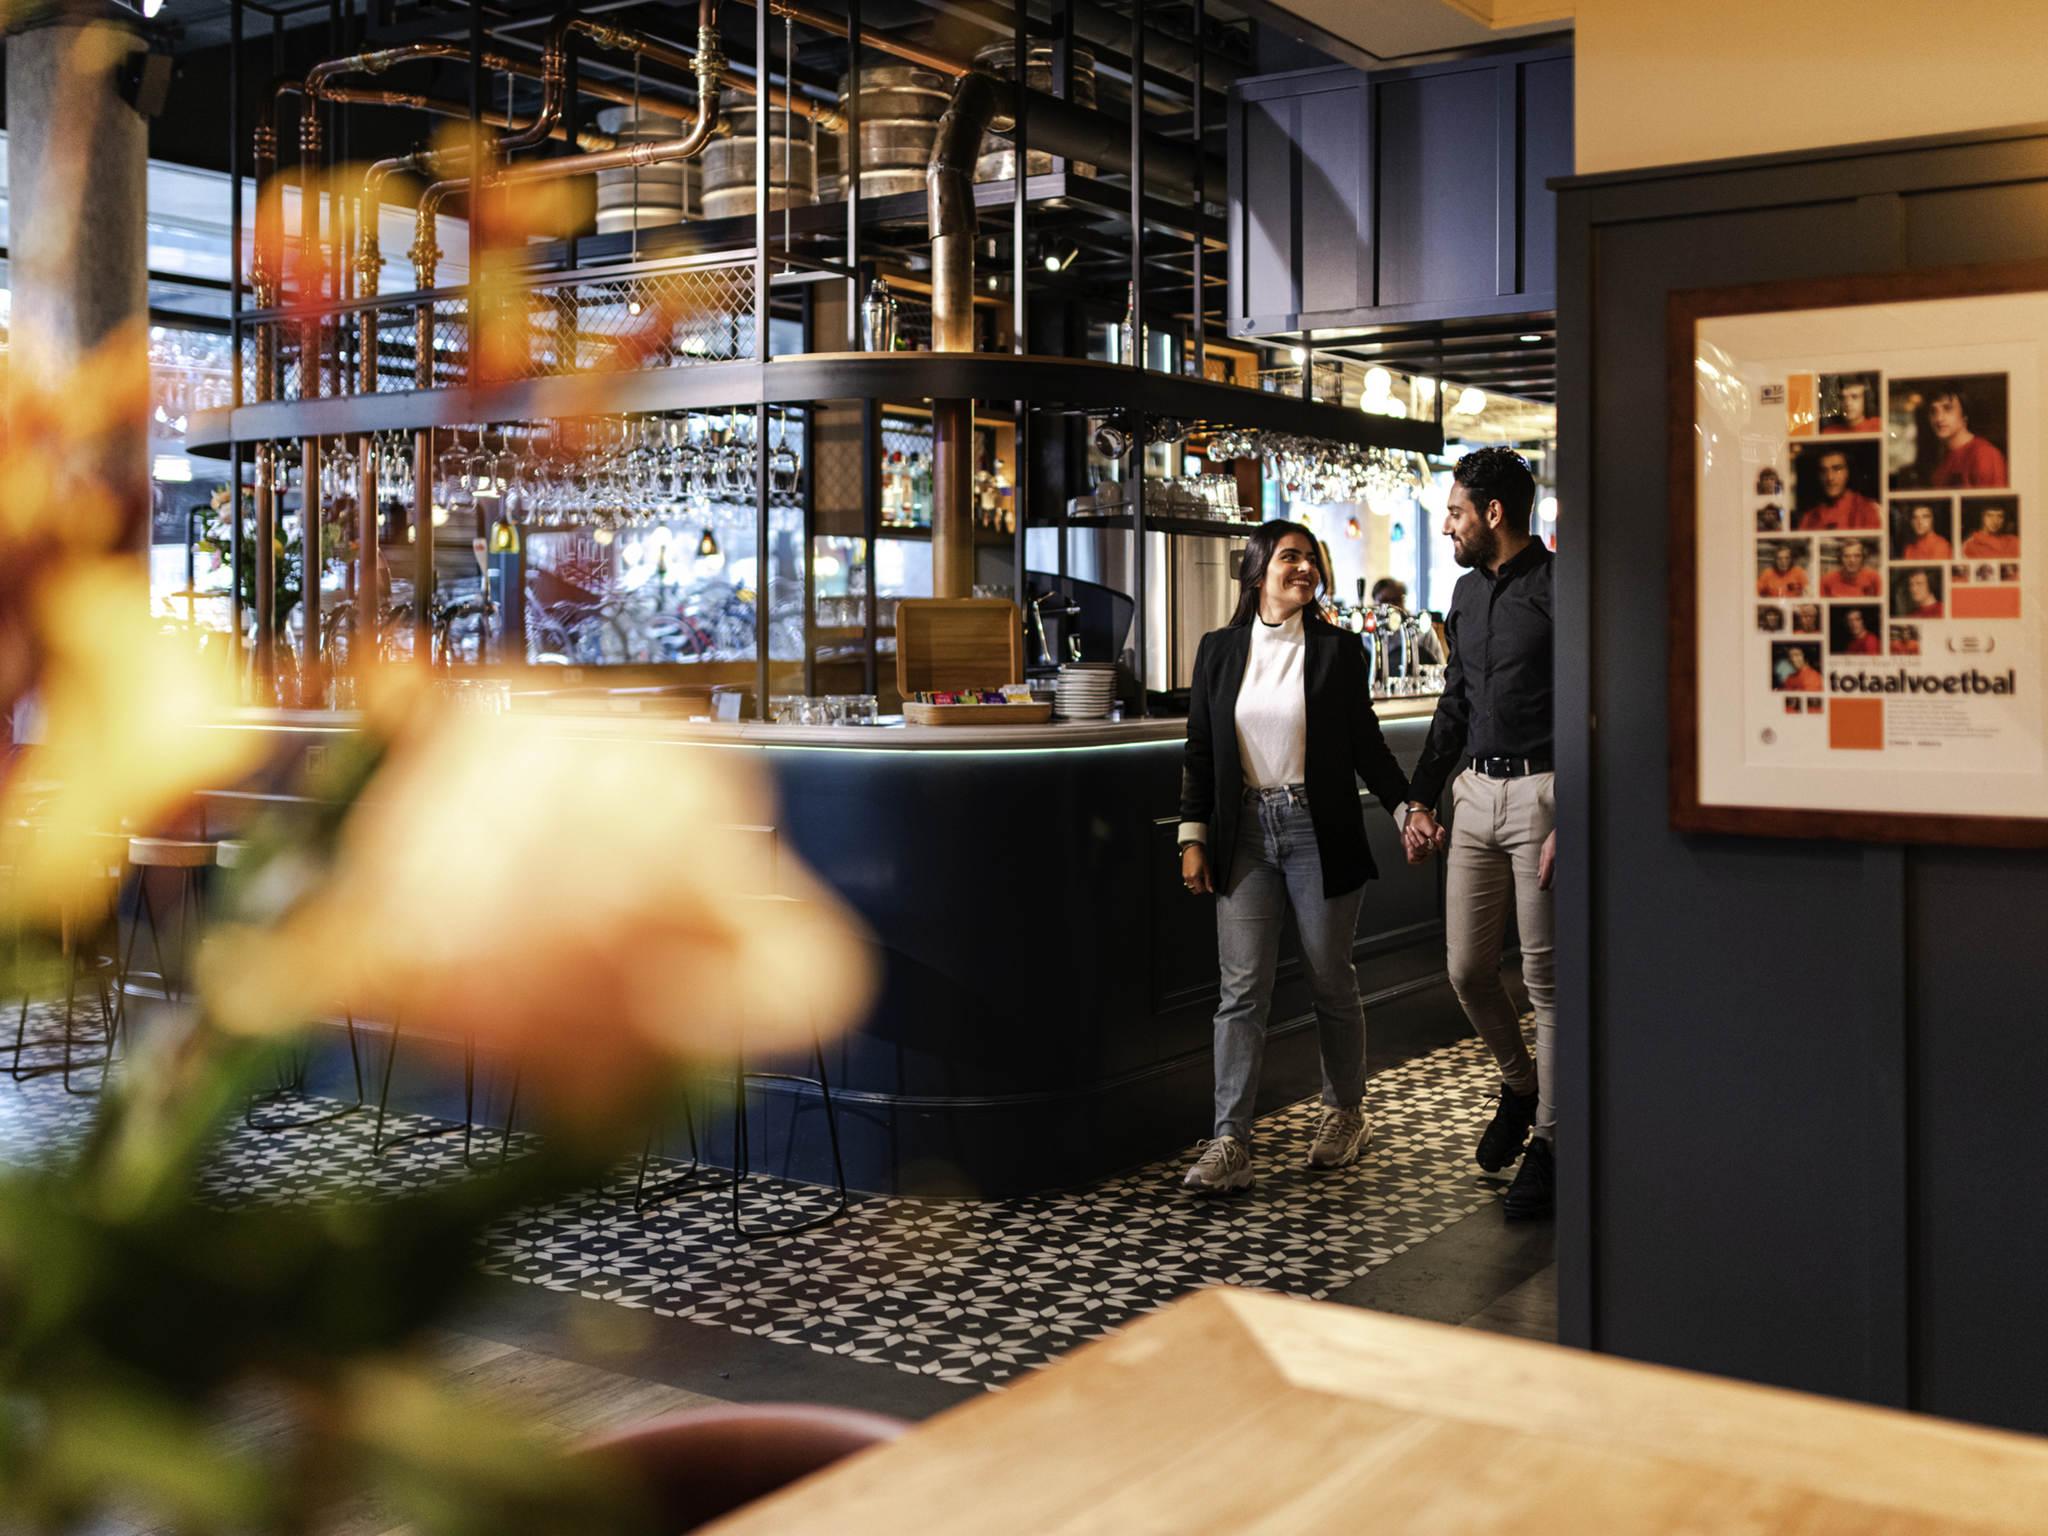 โรงแรม – ไอบิส อัมสเตอร์ดัม เซ็นเตอร์